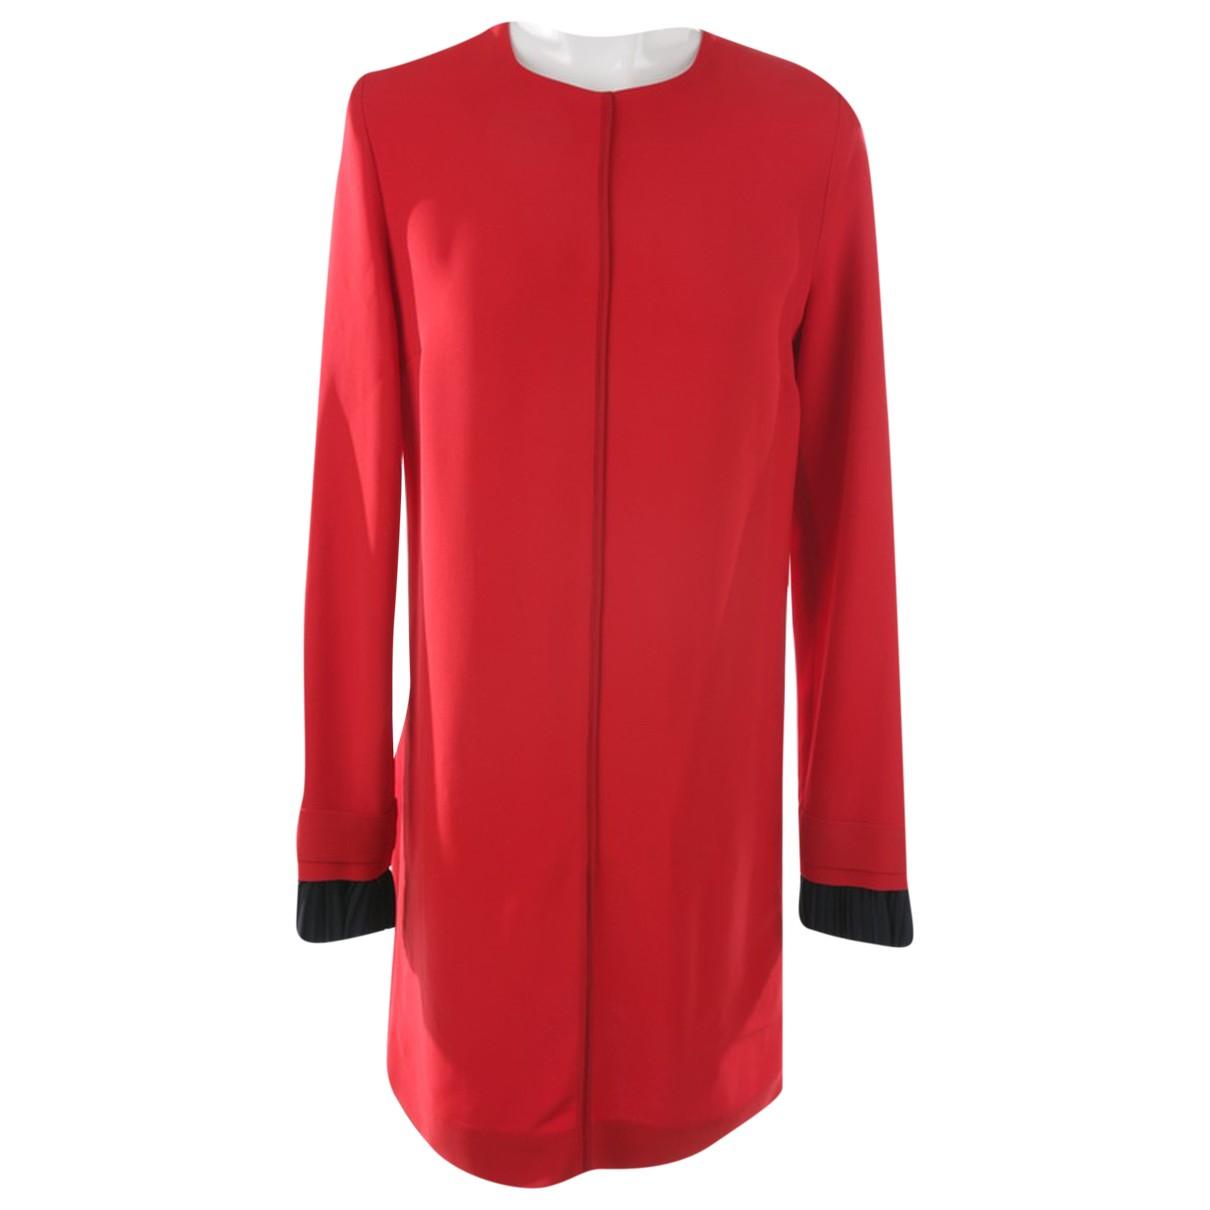 Victoria Beckham \N Kleid in  Rot Viskose